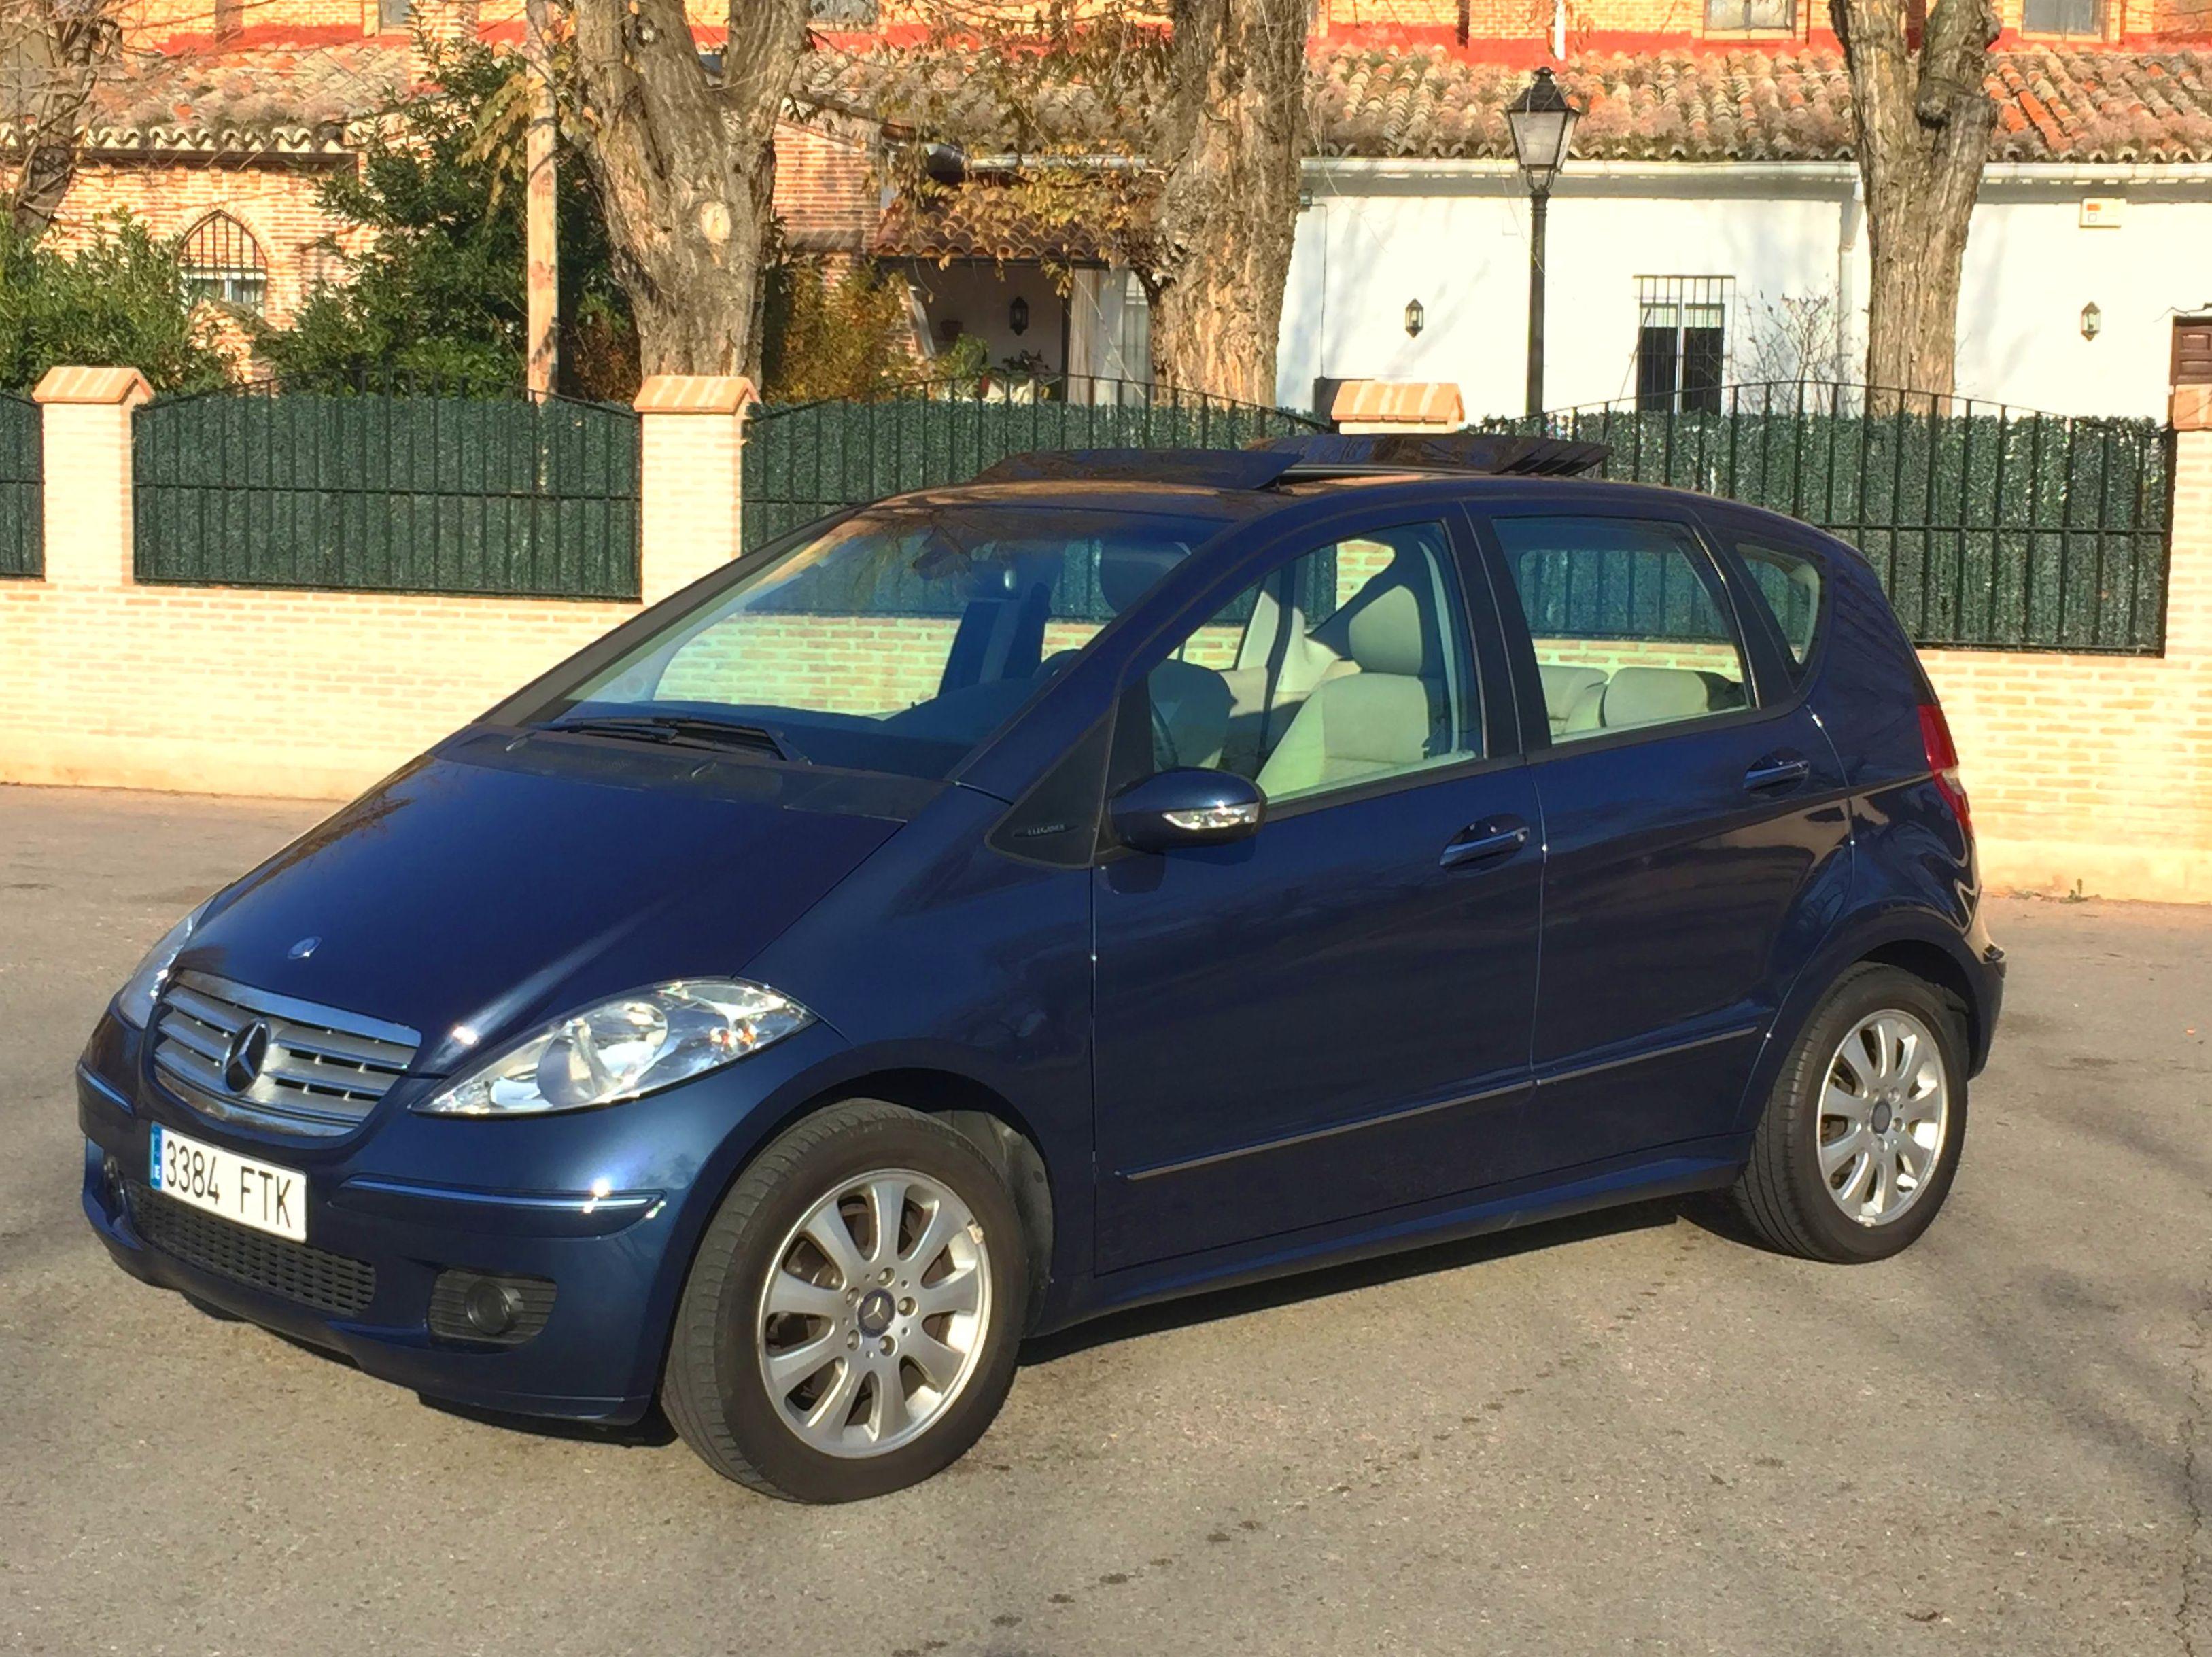 Mercedes Clase A200 CDI 140 cv Elegance: Todo nuestro stock de M&C Cars